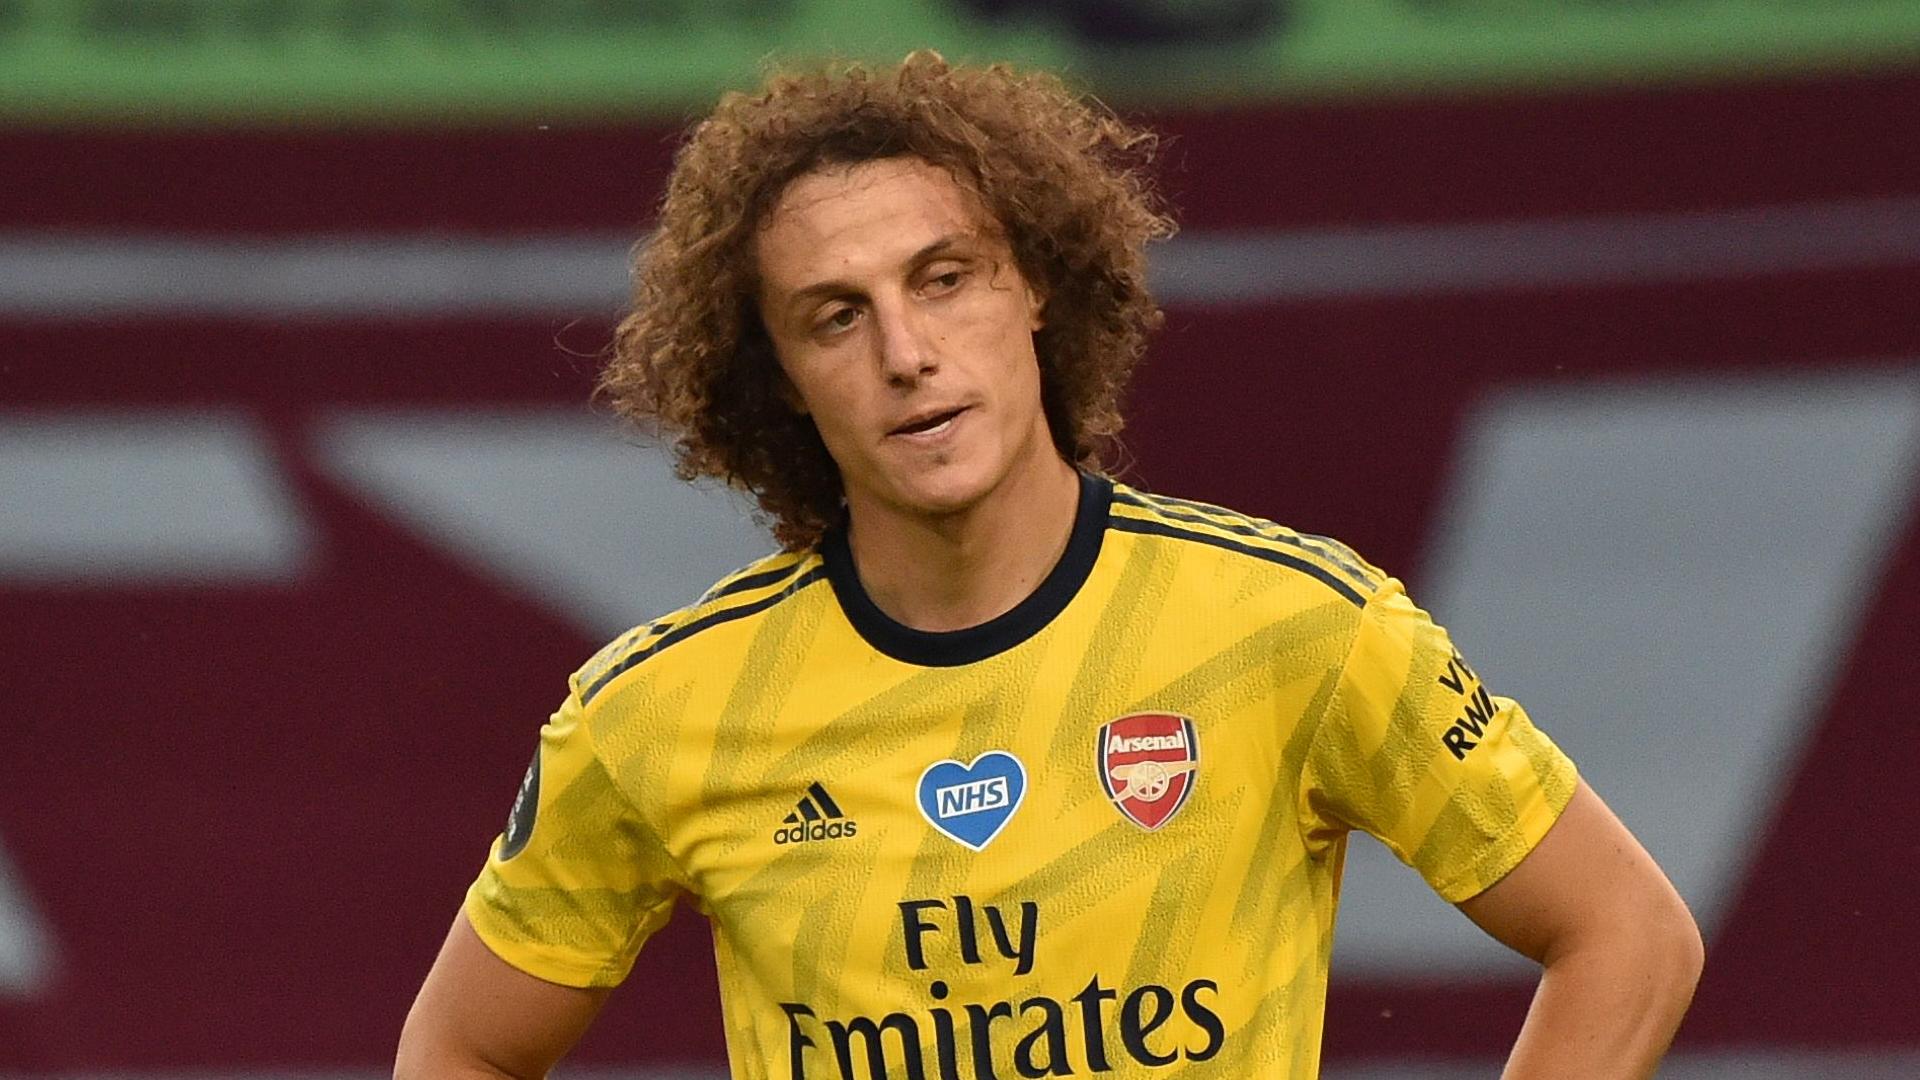 Recorde de pênaltis: a última marca de David Luiz em uma Premier League de  altos e baixos | Goal.com